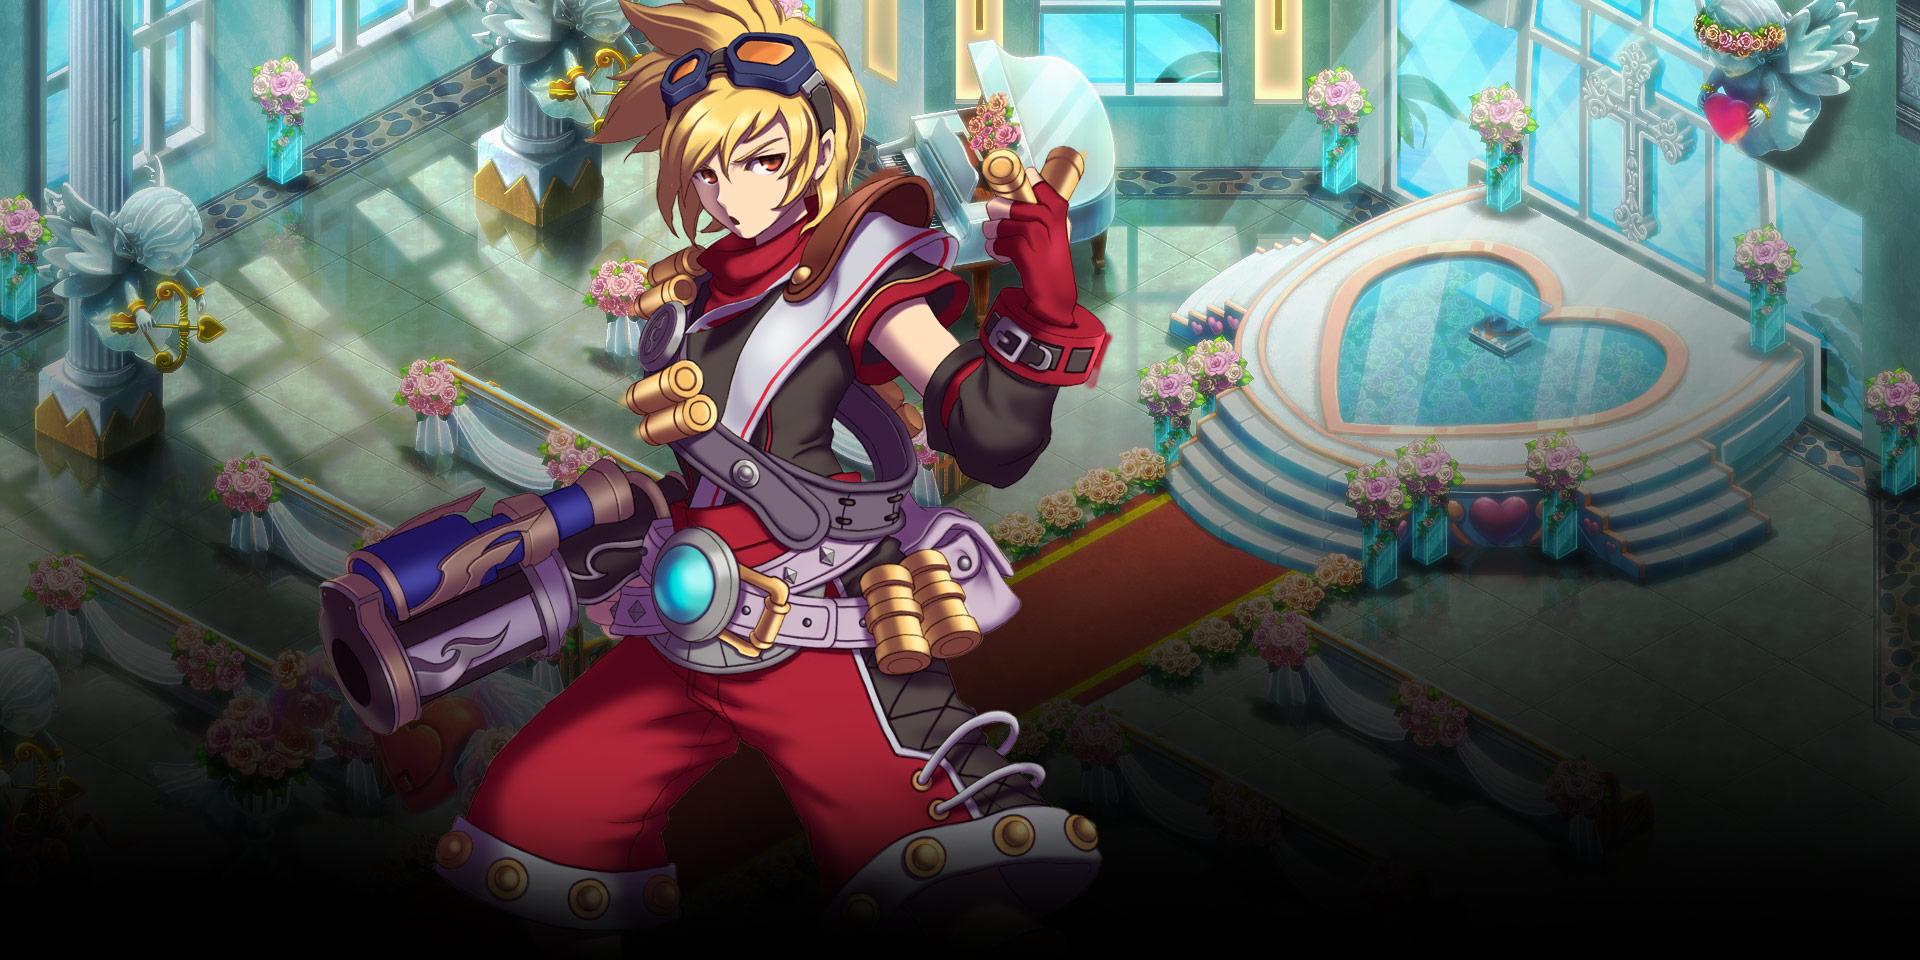 火爆网页游戏《新梦幻之城》首充送强力宠物蛋龙+欢乐七重好礼